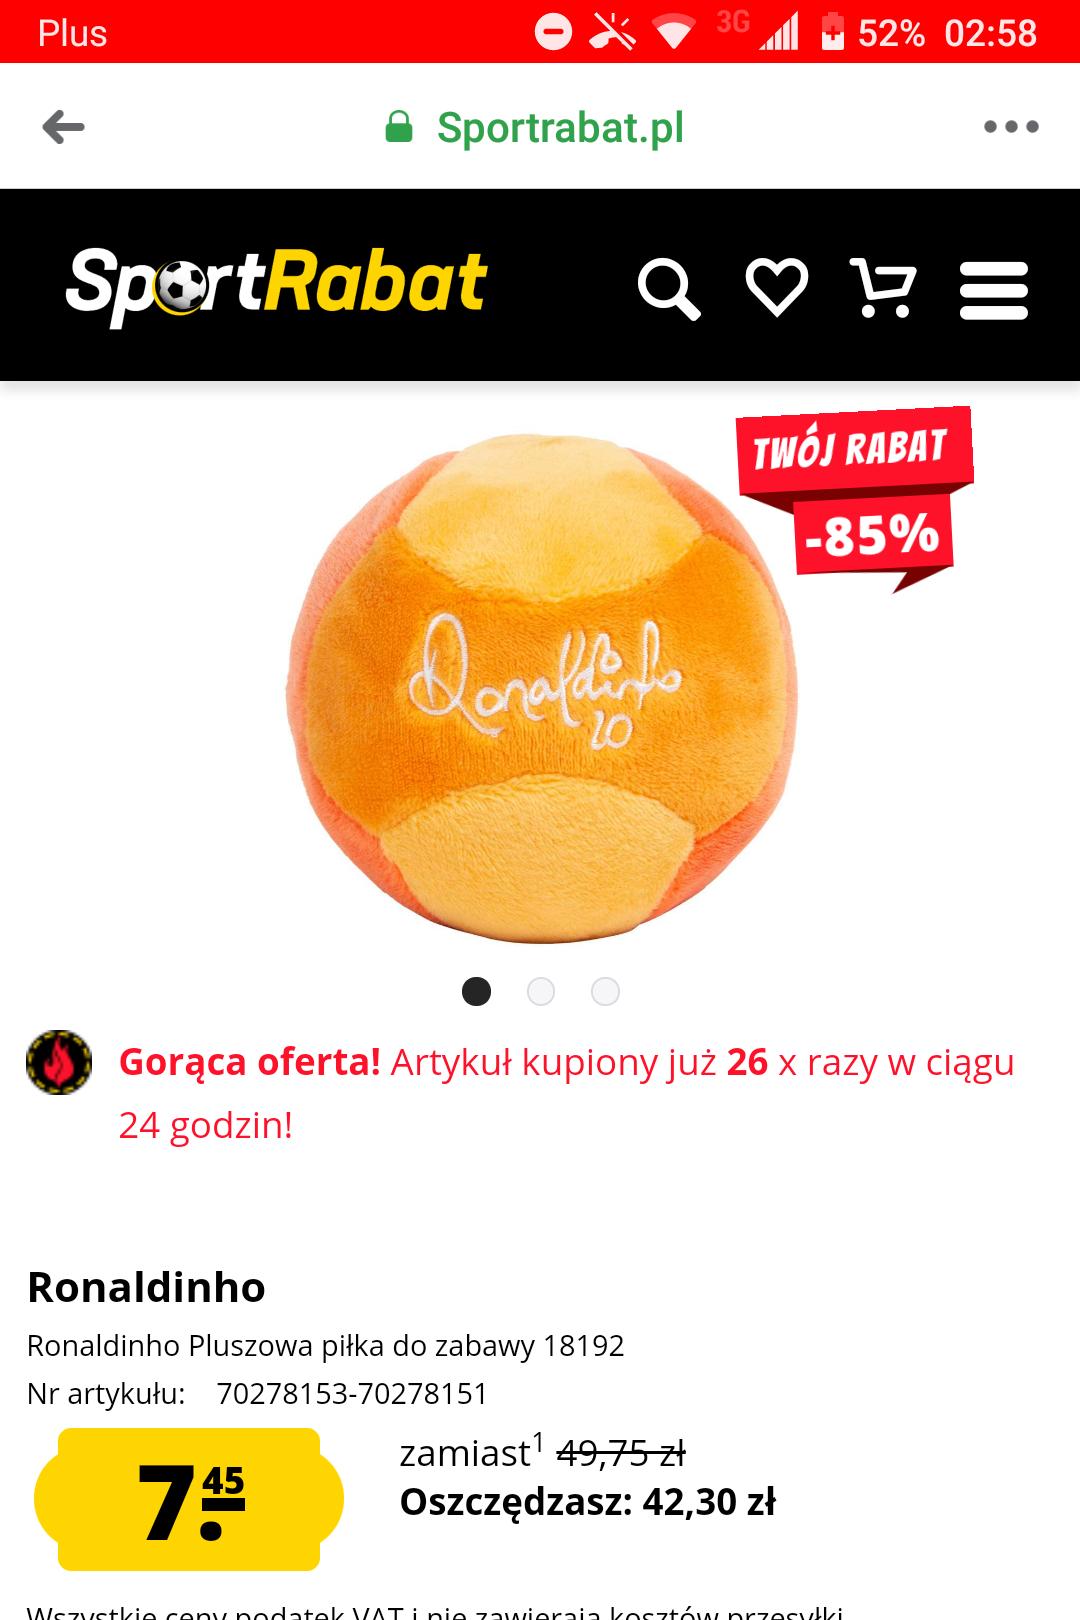 Piłki, plecaki, saszetki Ronaldinho 10